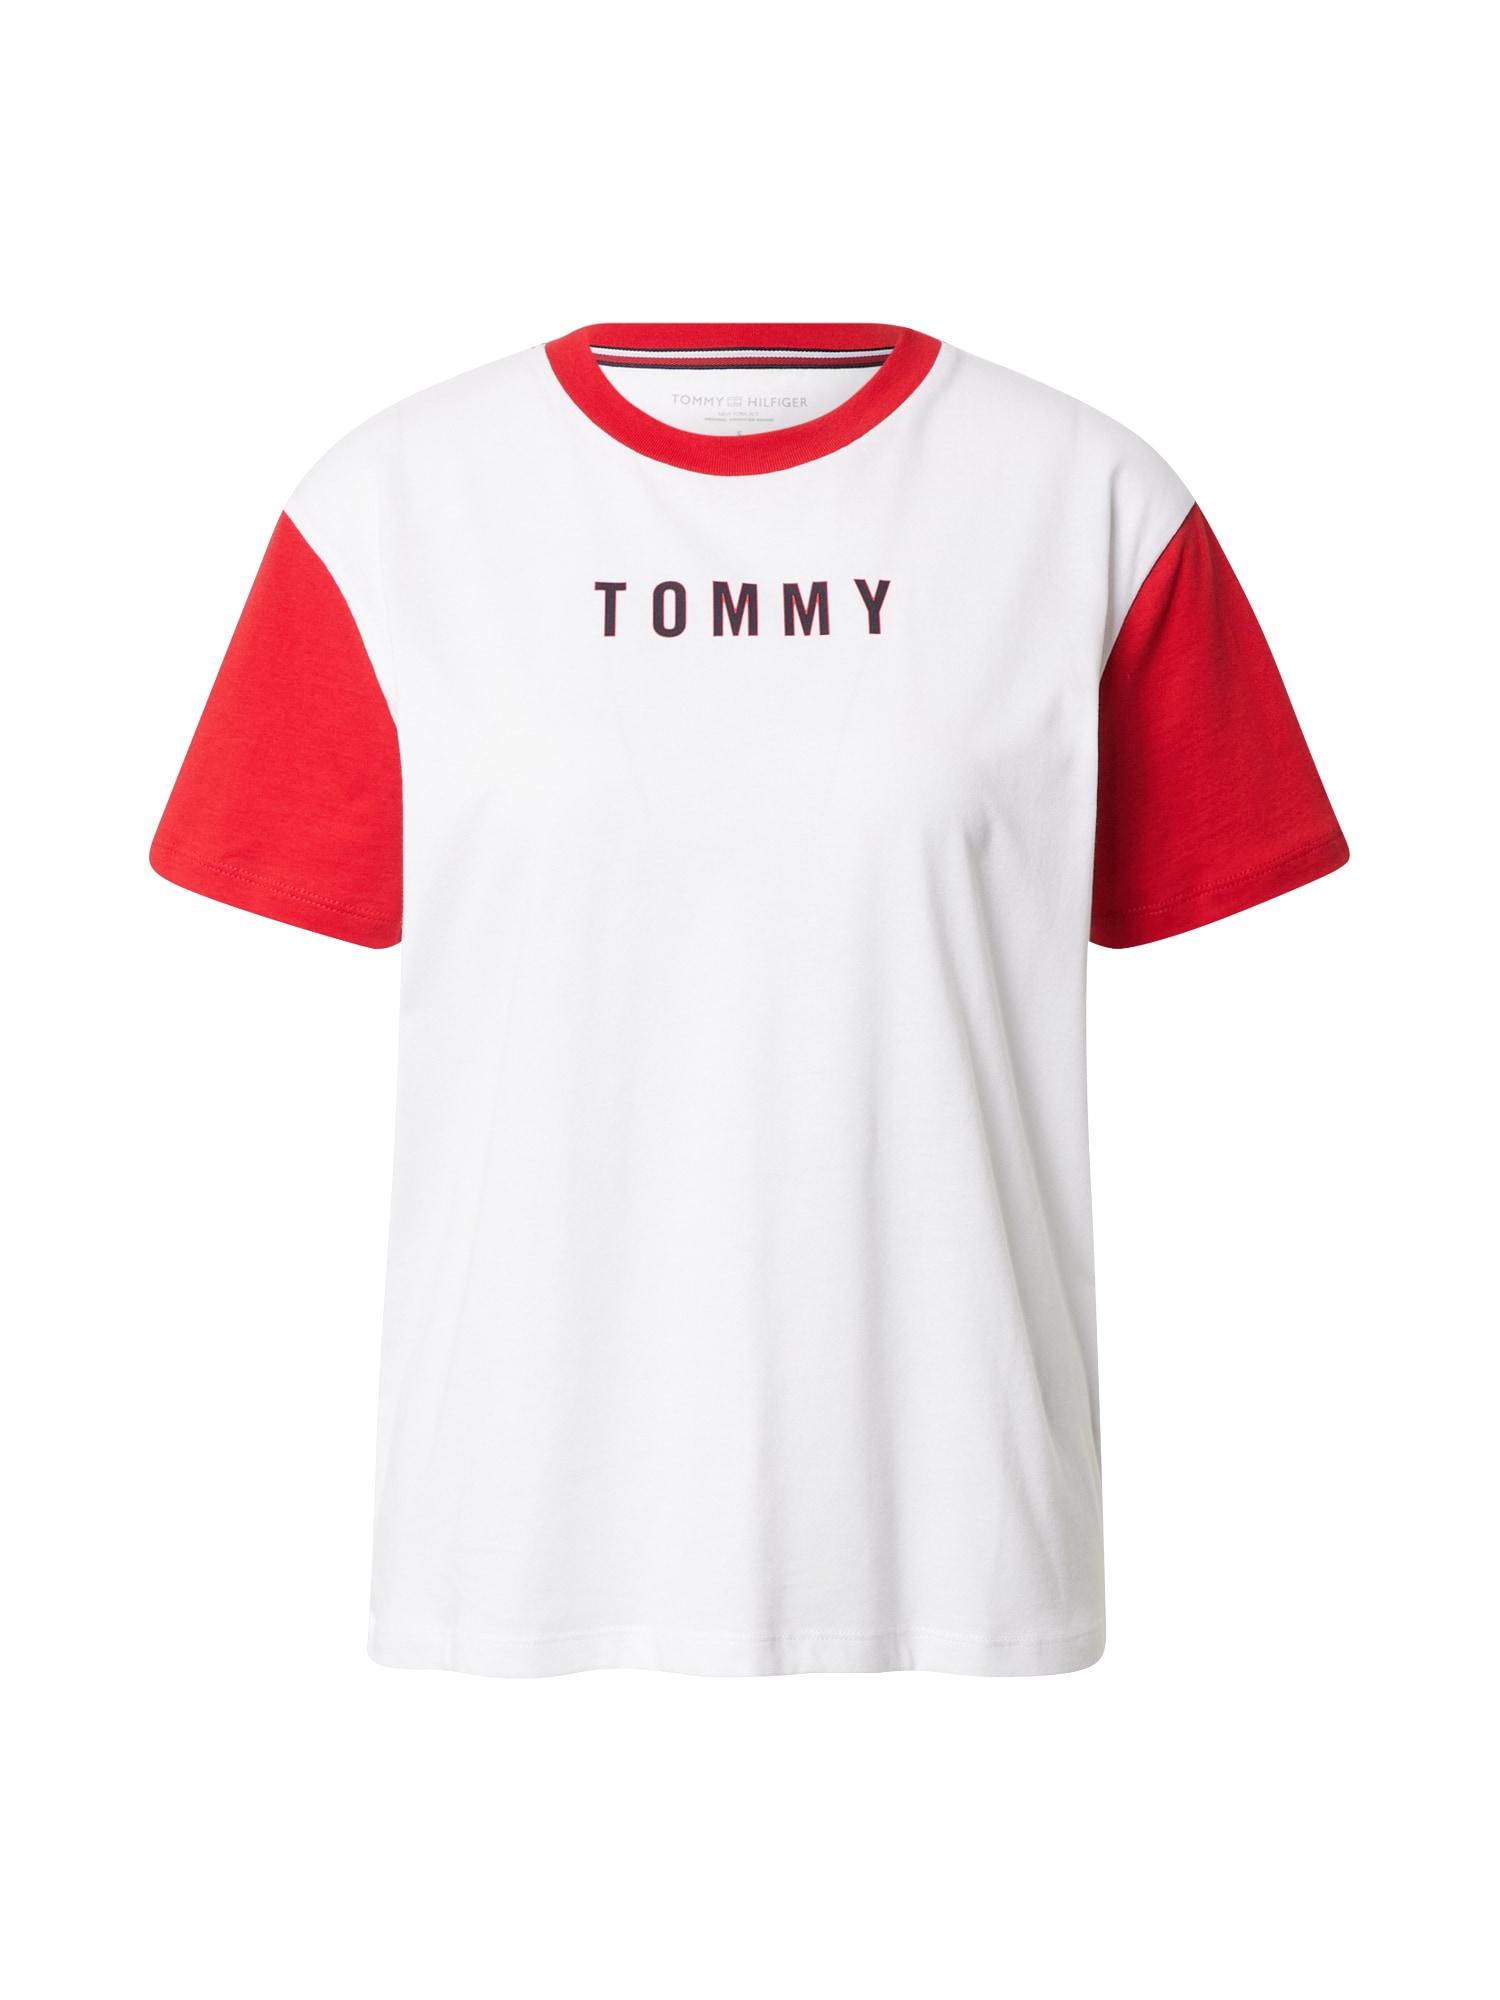 Tommy Hilfiger Underwear Pižaminiai marškinėliai balta / raudona